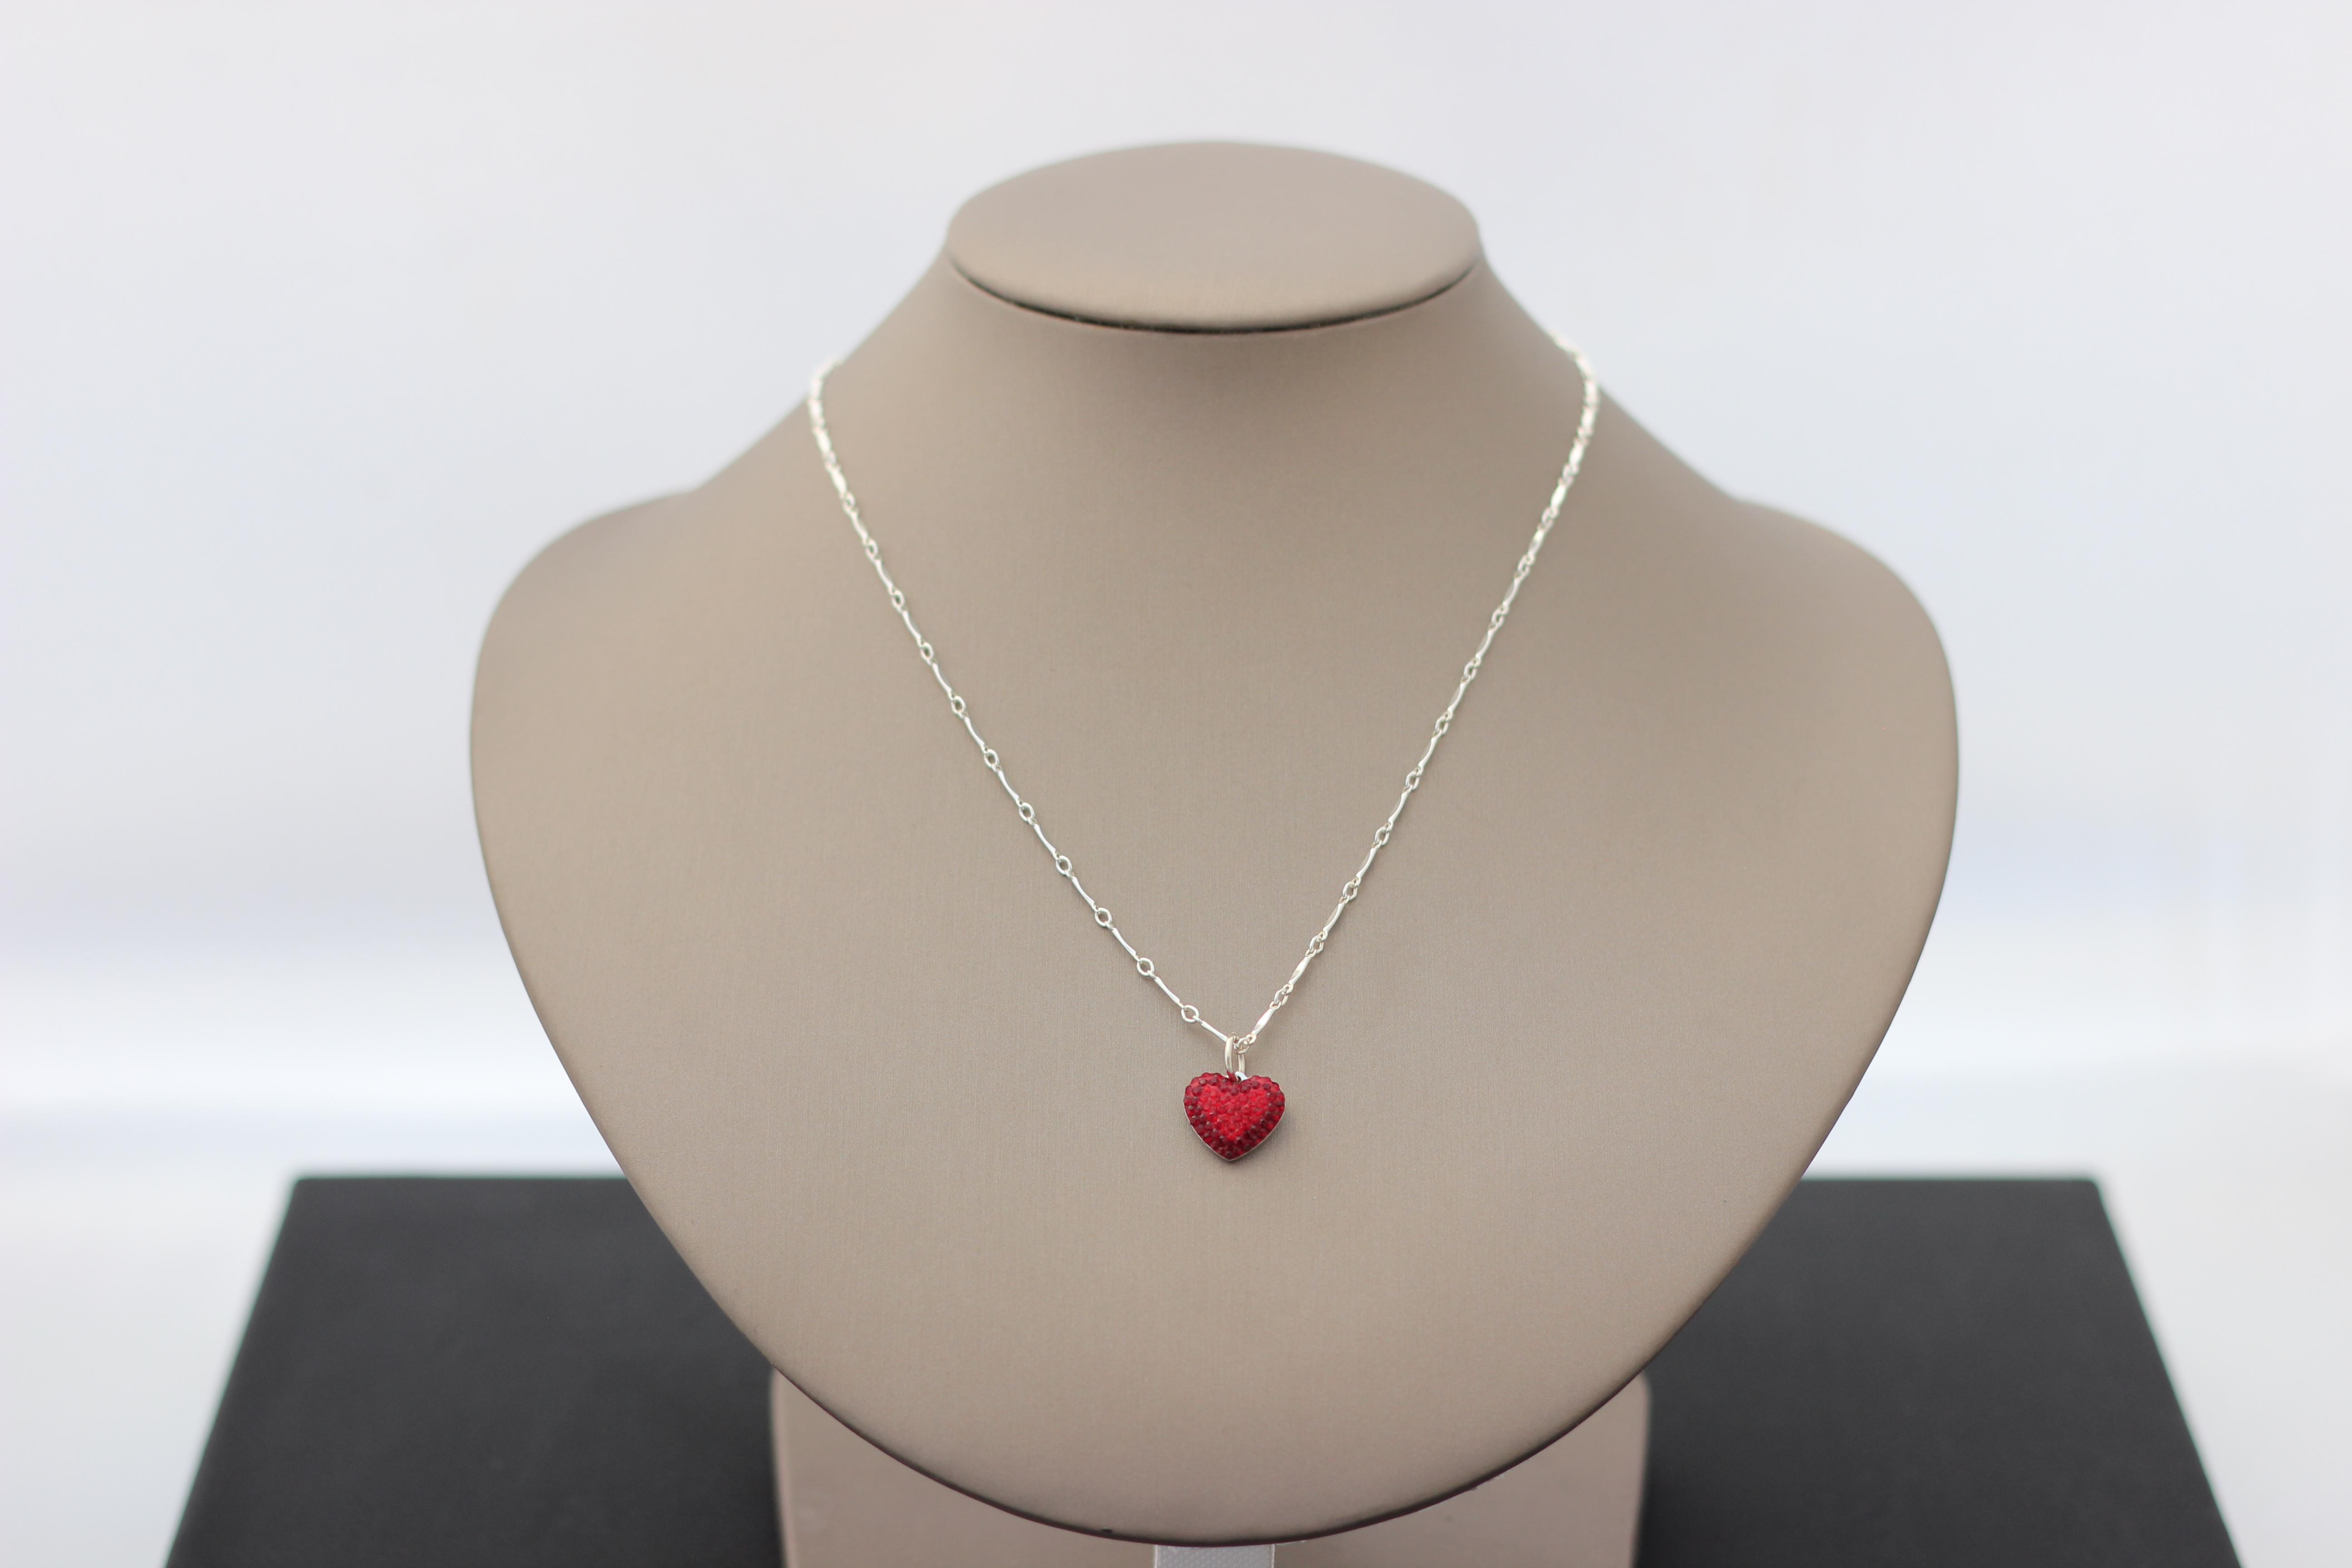 7. Swarovski Pave Heart | $98